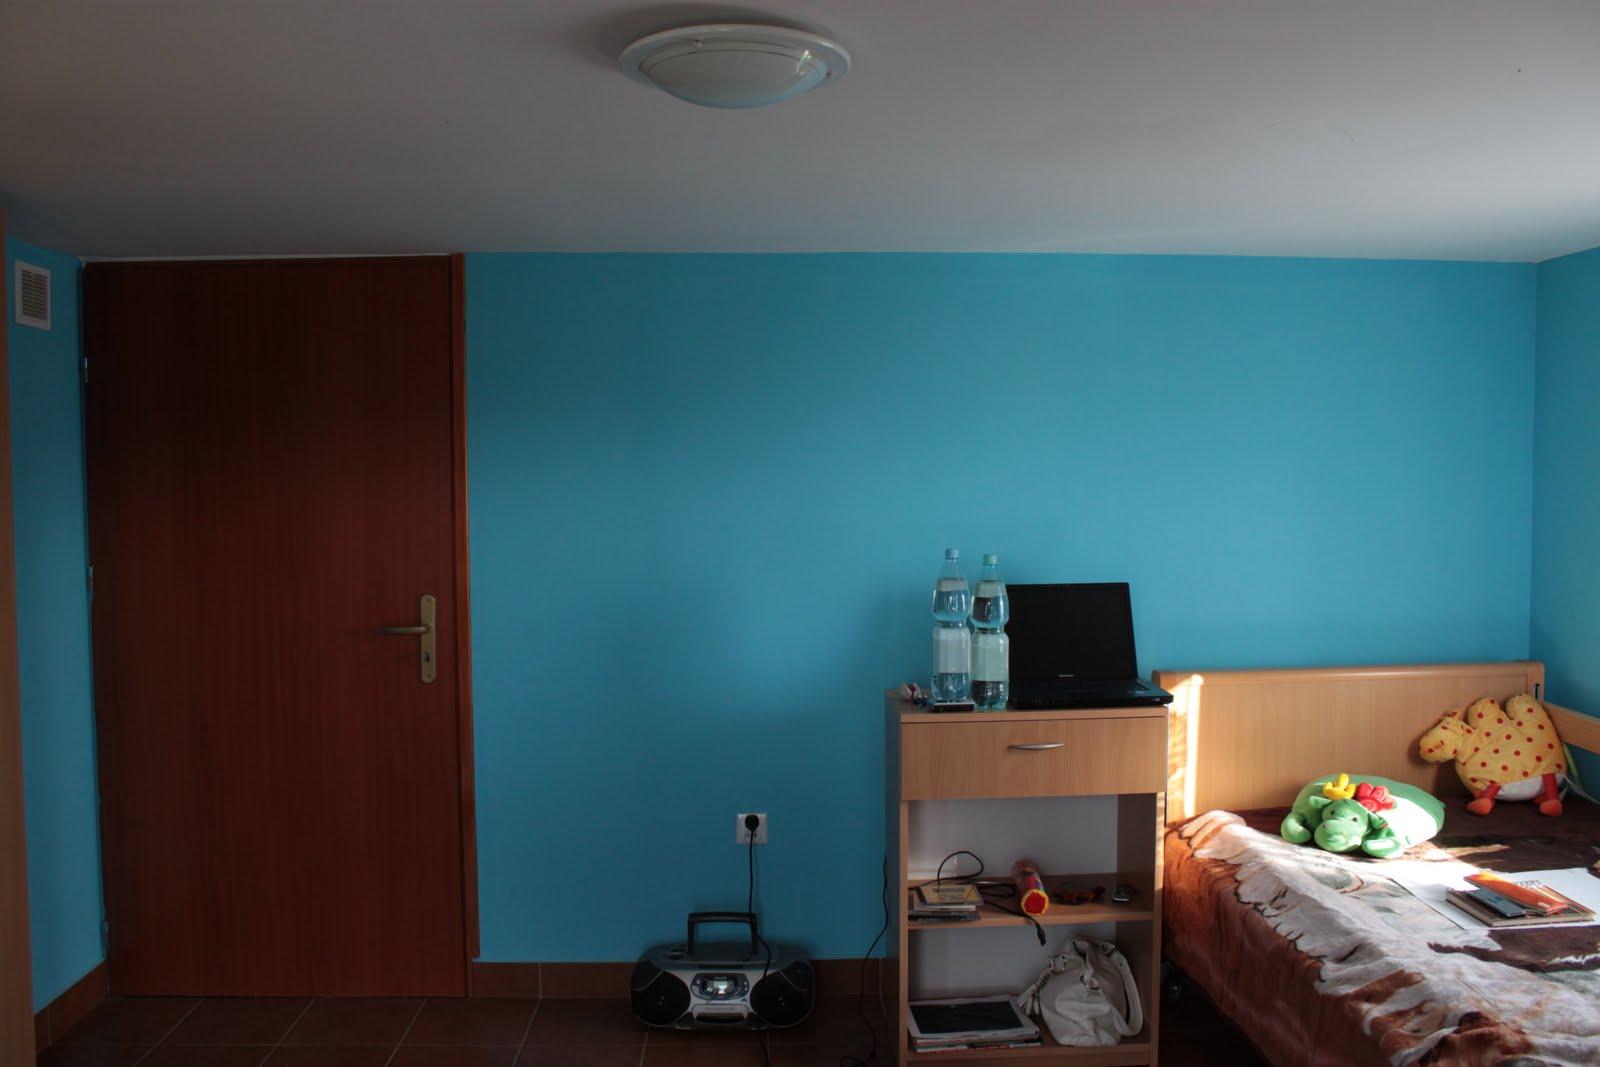 malowanie pokoju Mietka 23.10.2010